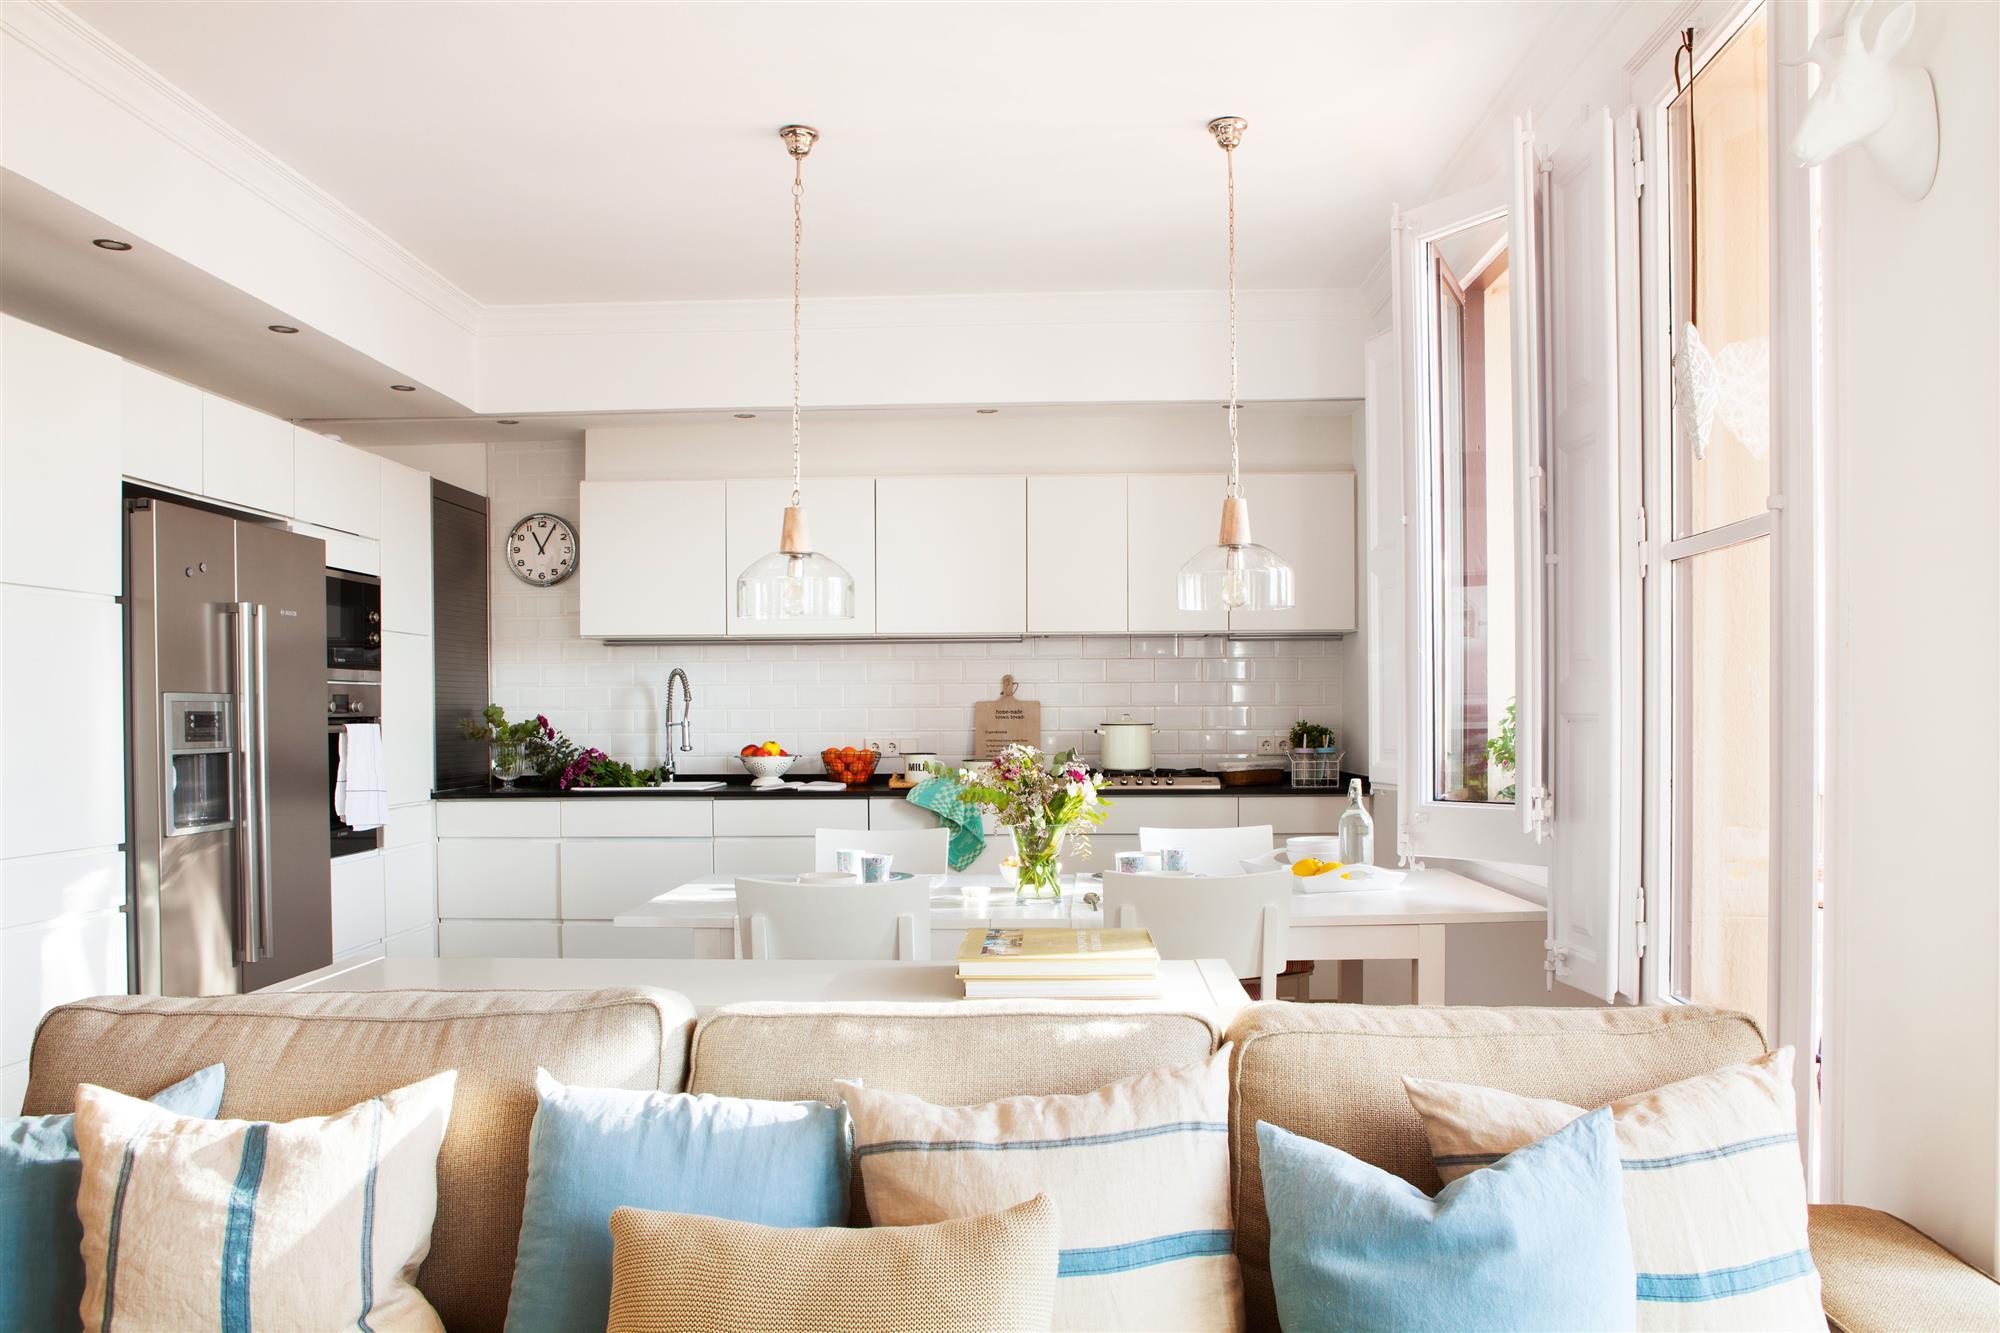 Cocina abierta o cerrada - Salon y cocina integrados ...